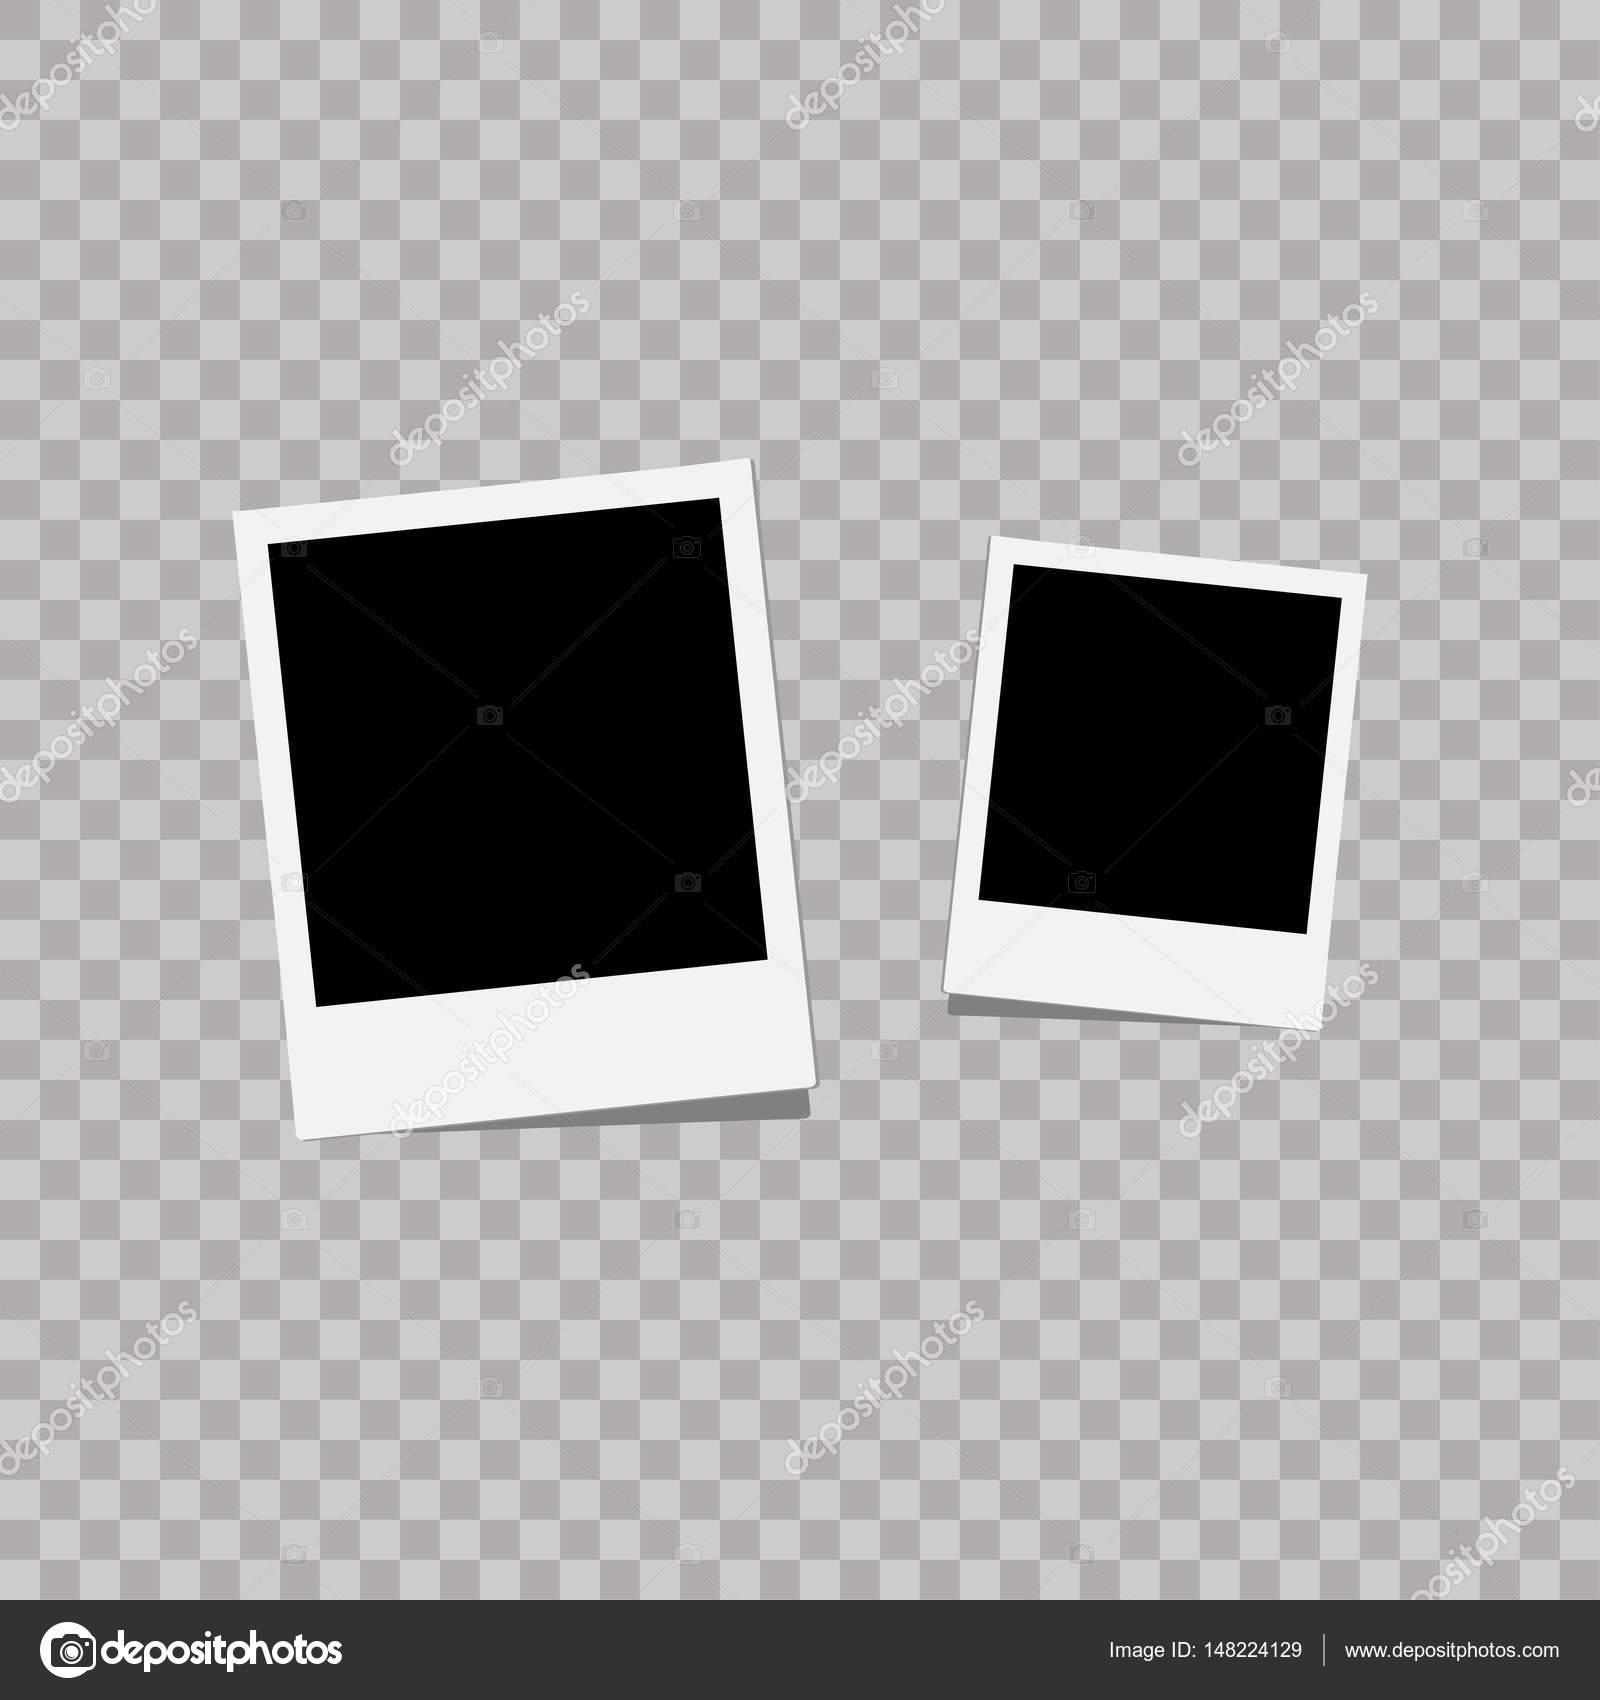 Fotorahmen. Weiße Kunststoff-Grenze auf einem transparenten ...